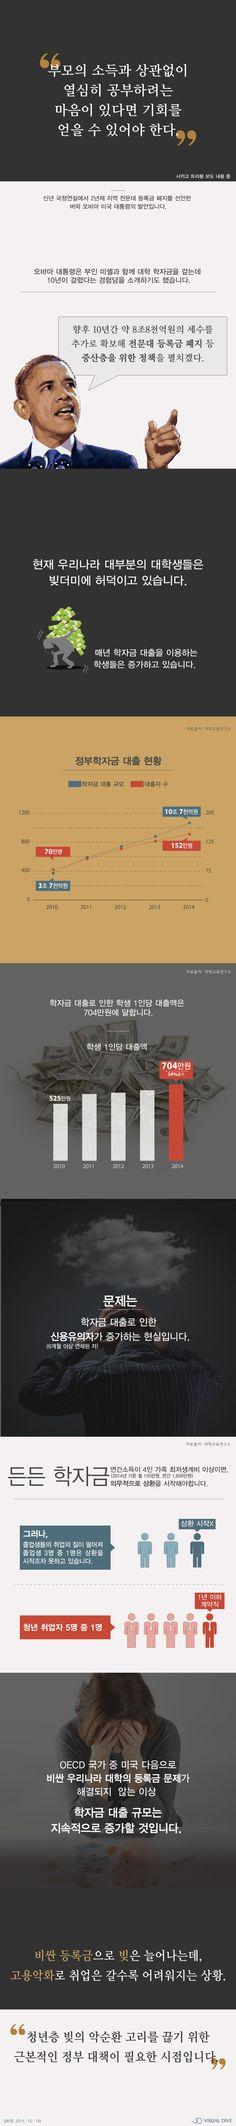 정부의 대학생 학자금 대출, 4년 만에 3배로 늘어 '10조 7,000억' [인포그래픽] #schoolexpenses / #Infographic ⓒ 비주얼다이브 무단 복사·전재·재배포 금지